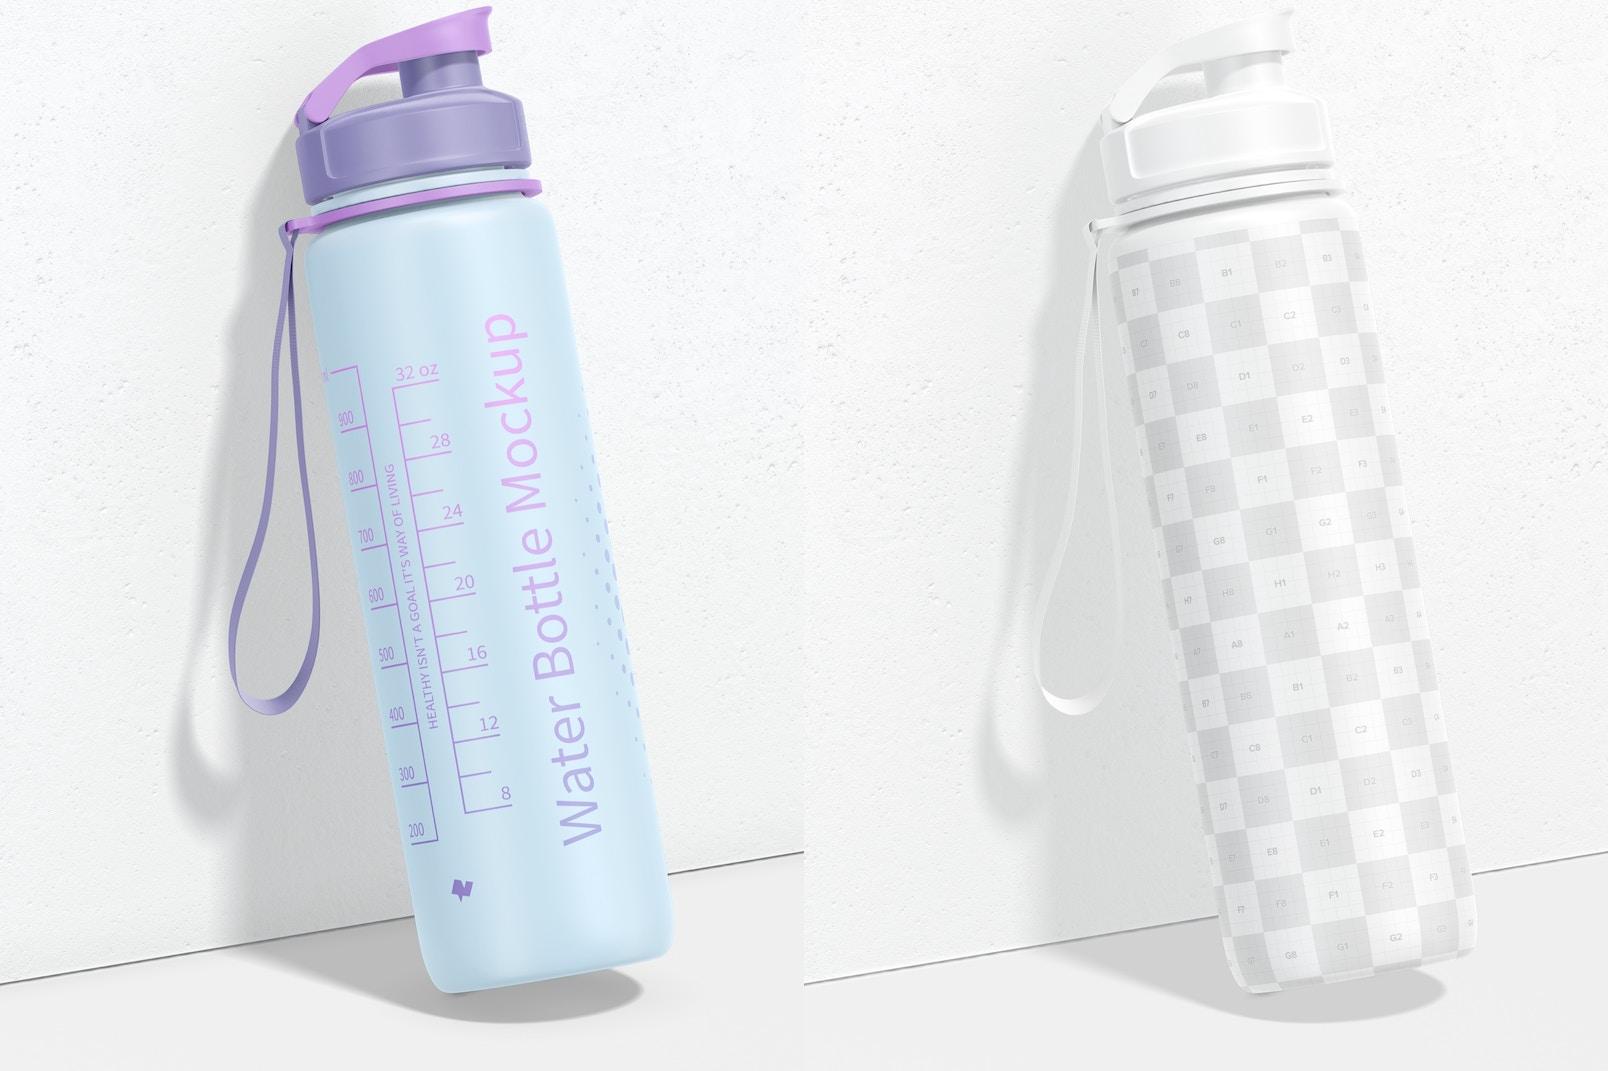 32 oz Water Bottle Mockup, Leaned